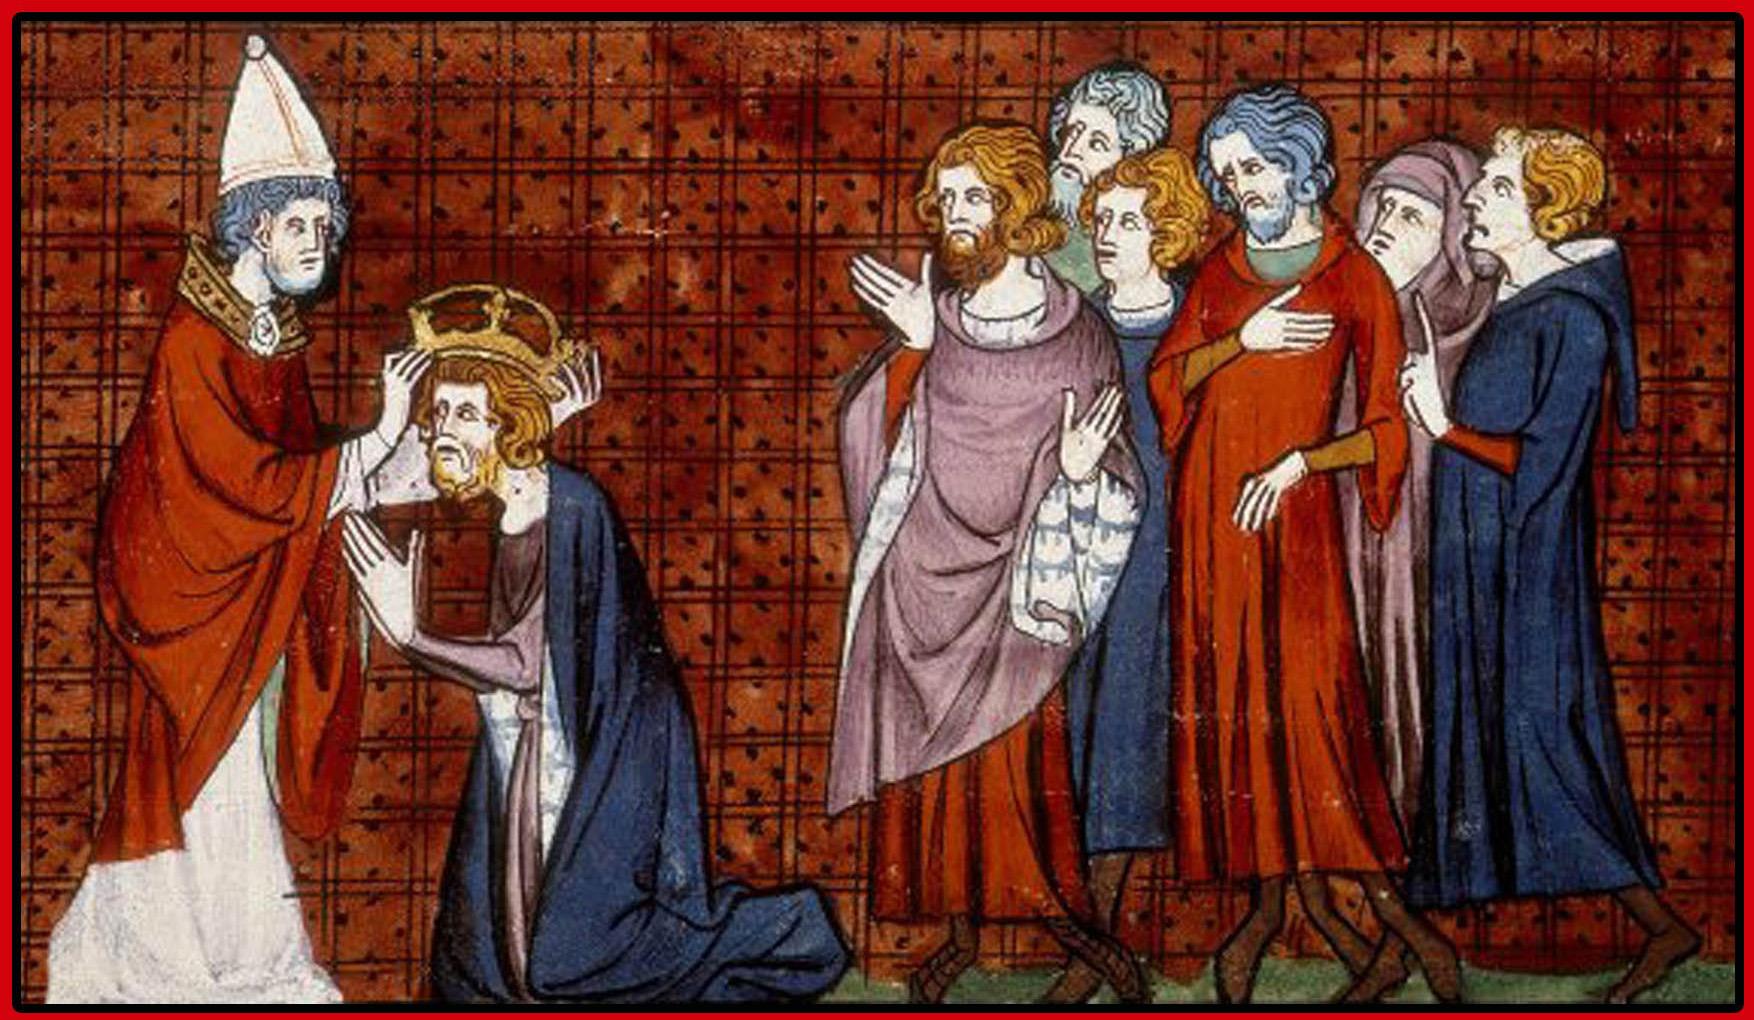 carlo magno, alessandro barbero, un padre dell'europa, storia medievale, storia d'europa, recensioni